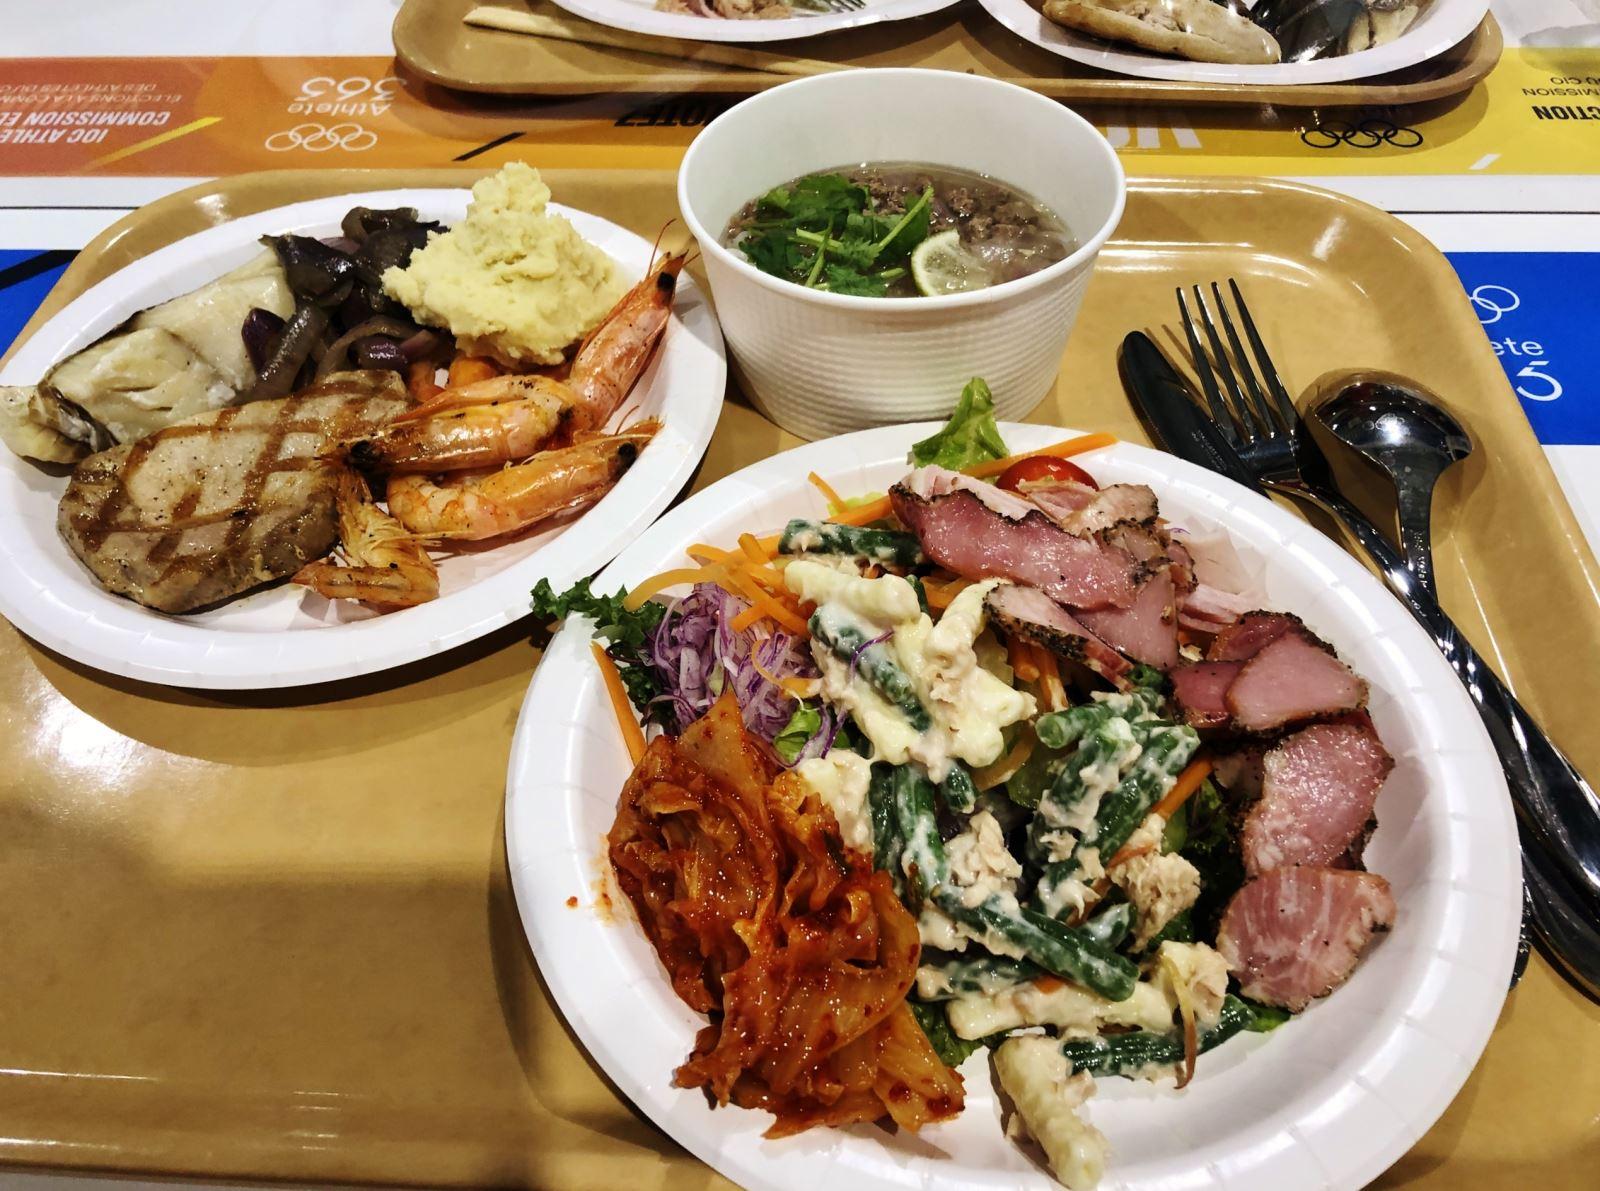 Olympic Tokyo 2020: Có 700 món ăn mỗi ngày, nổi bật với Phở và thịt bò Wagyu - 9